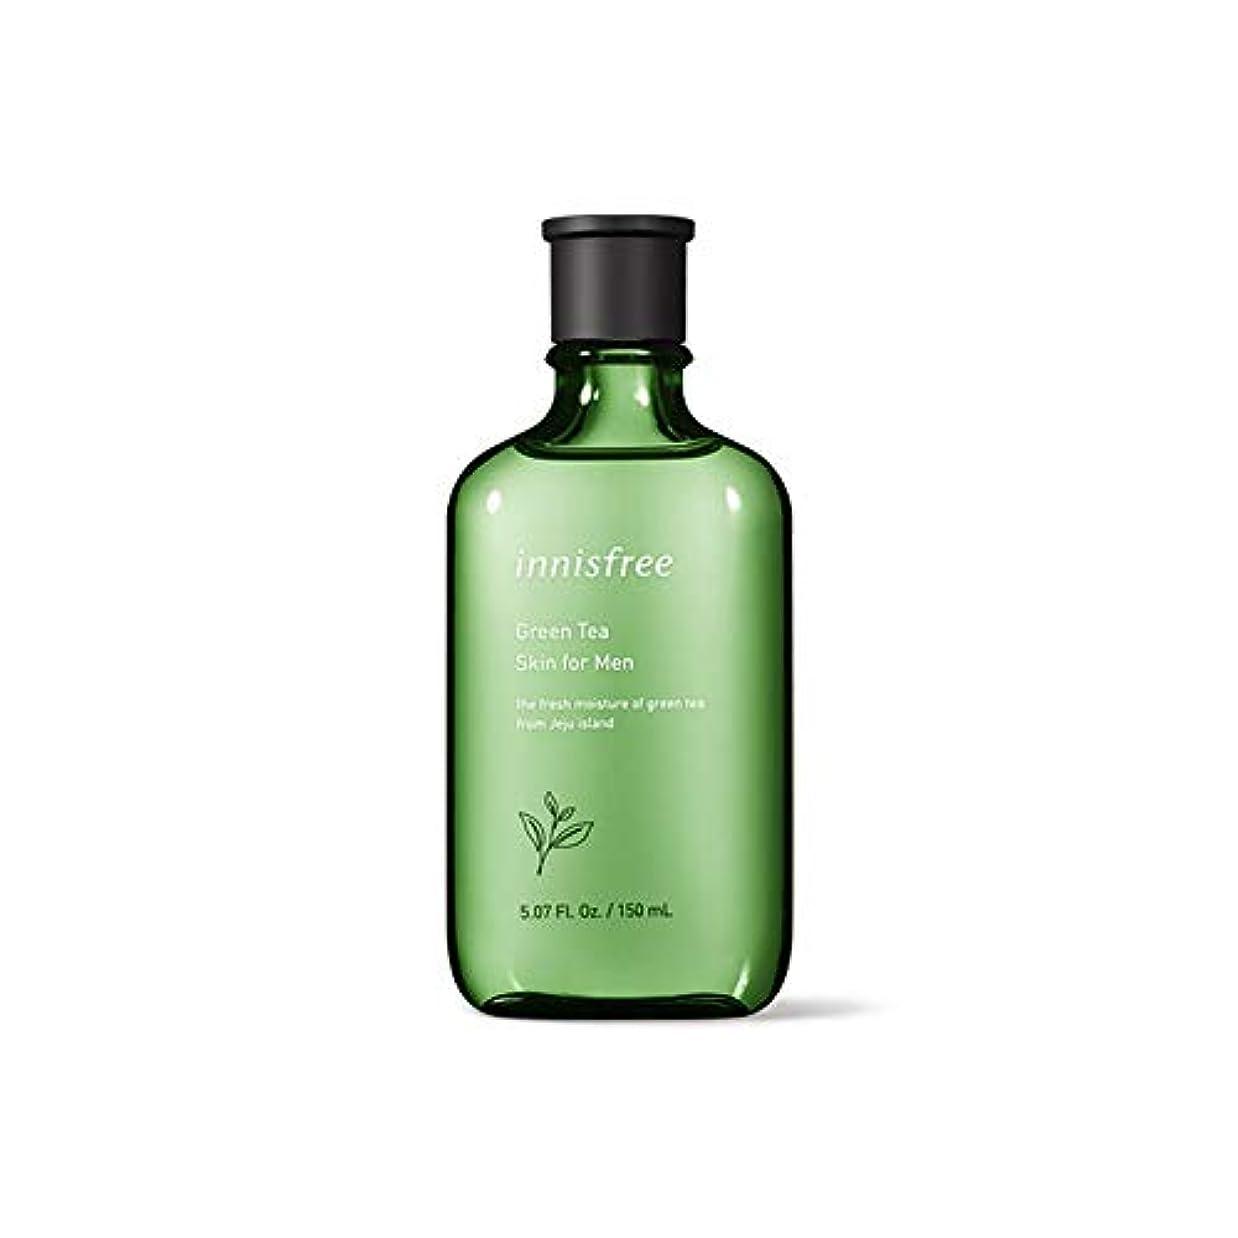 コットン大学院洗剤イニスフリー Innisfree グリーンティースキンフォーメン(150ml) Innisfree Green Tea Skin For Men(150ml) [海外直送品]